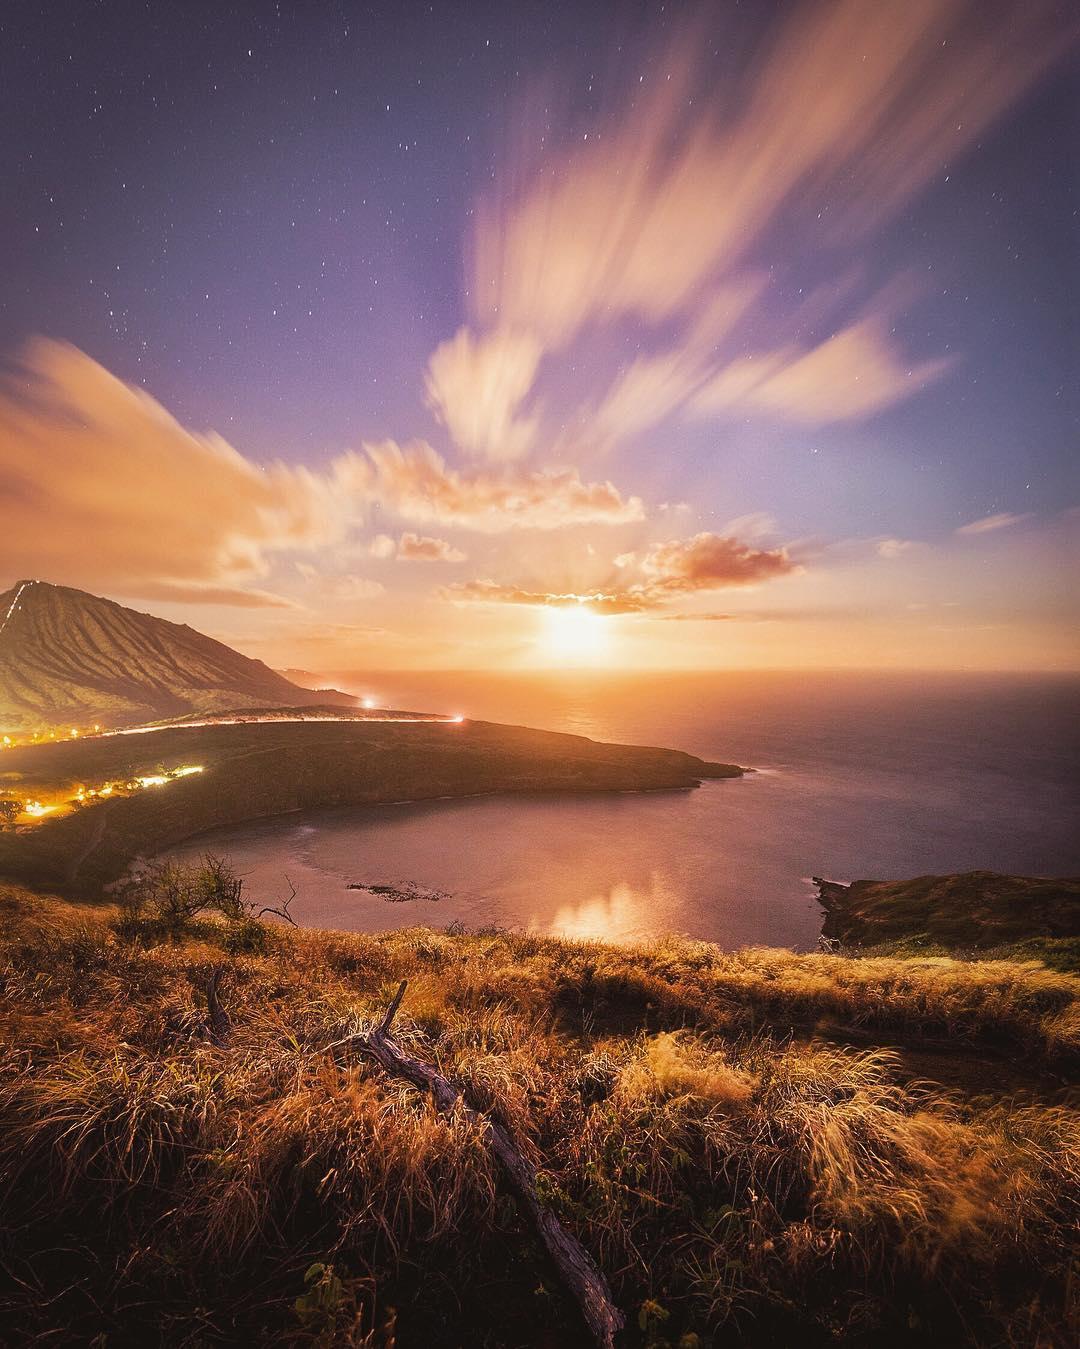 Hike the Hanauma Bay Rim Trail - Best Things to Do in East Oahu